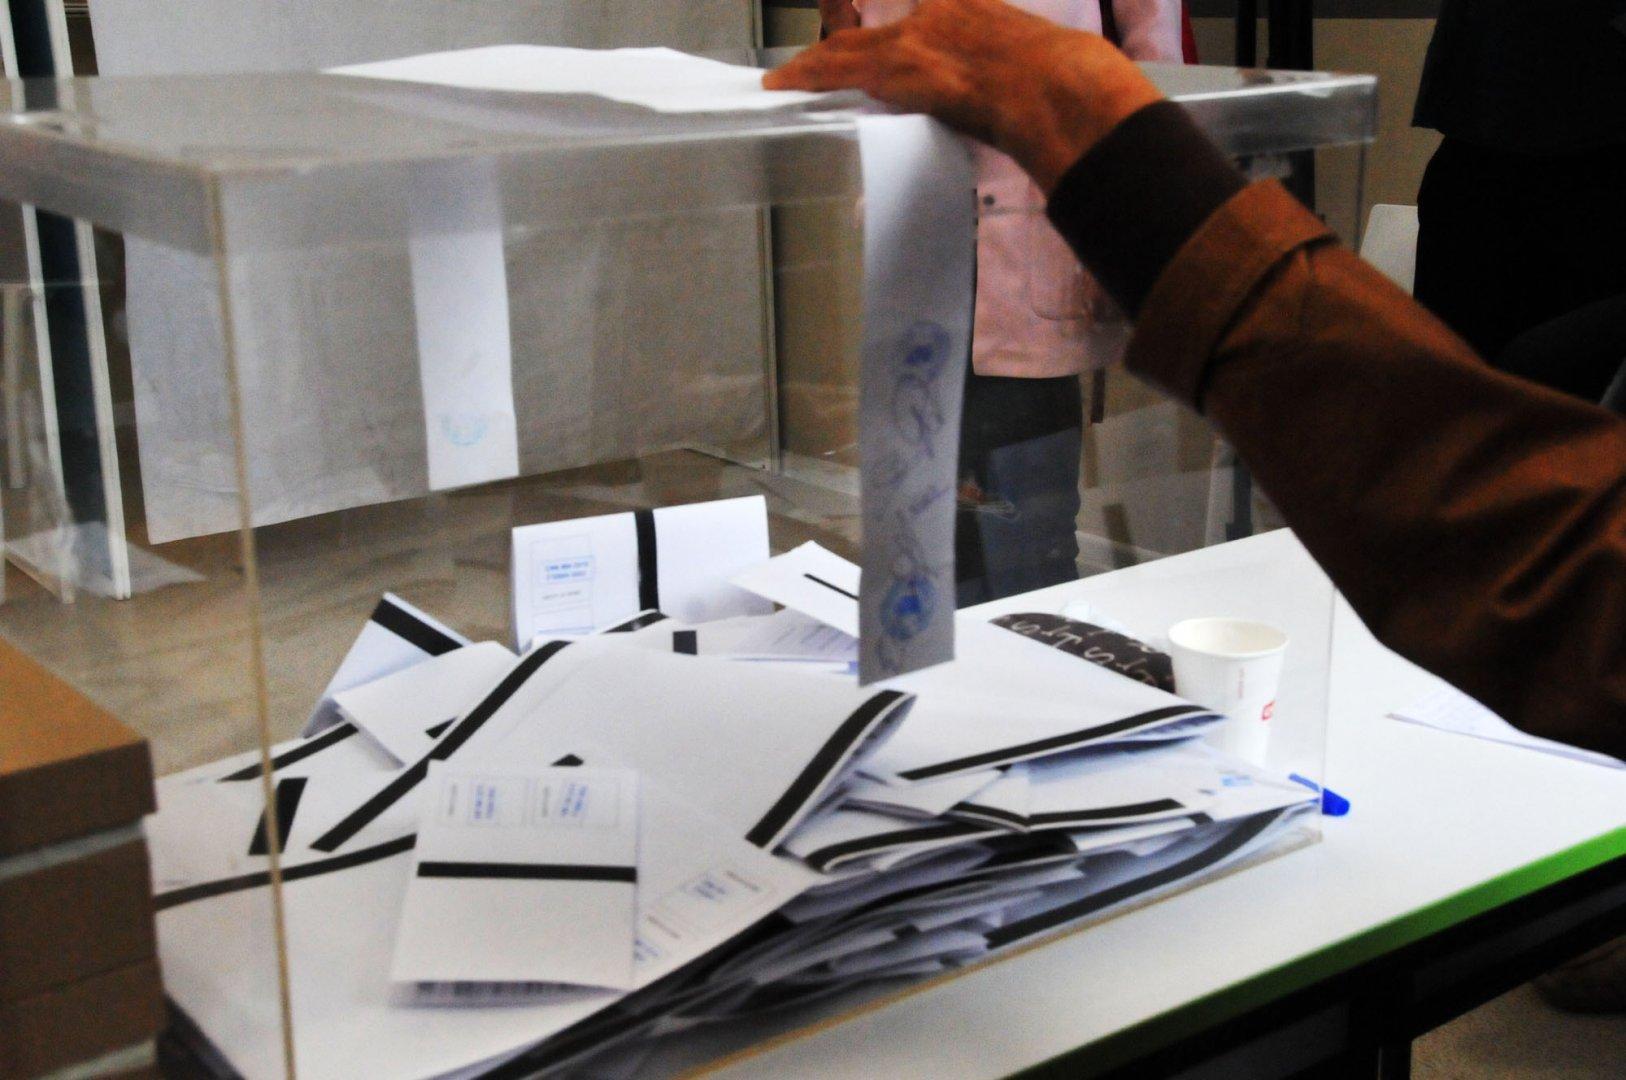 Ясни са номерата в интегралната бюлетина, с които партиите и коалициите ще участват на вота през април. Снимка Архив Черноморие-бг